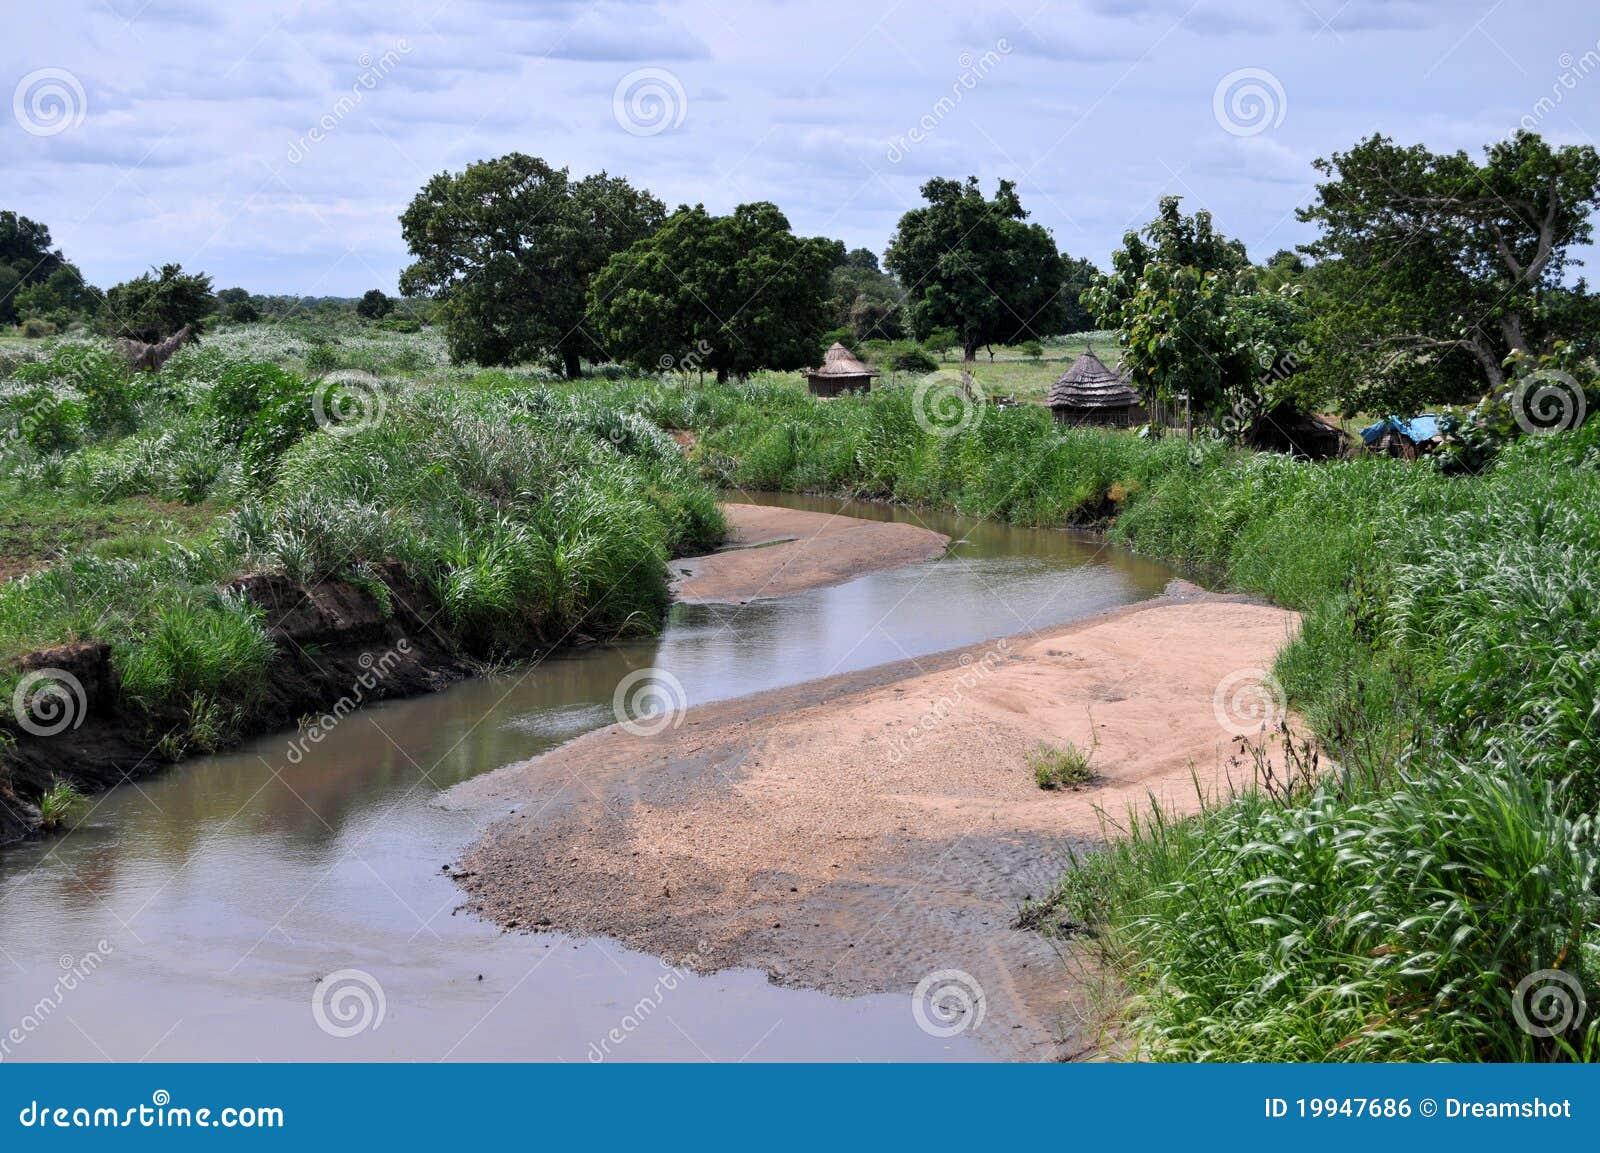 африканское село берег реки